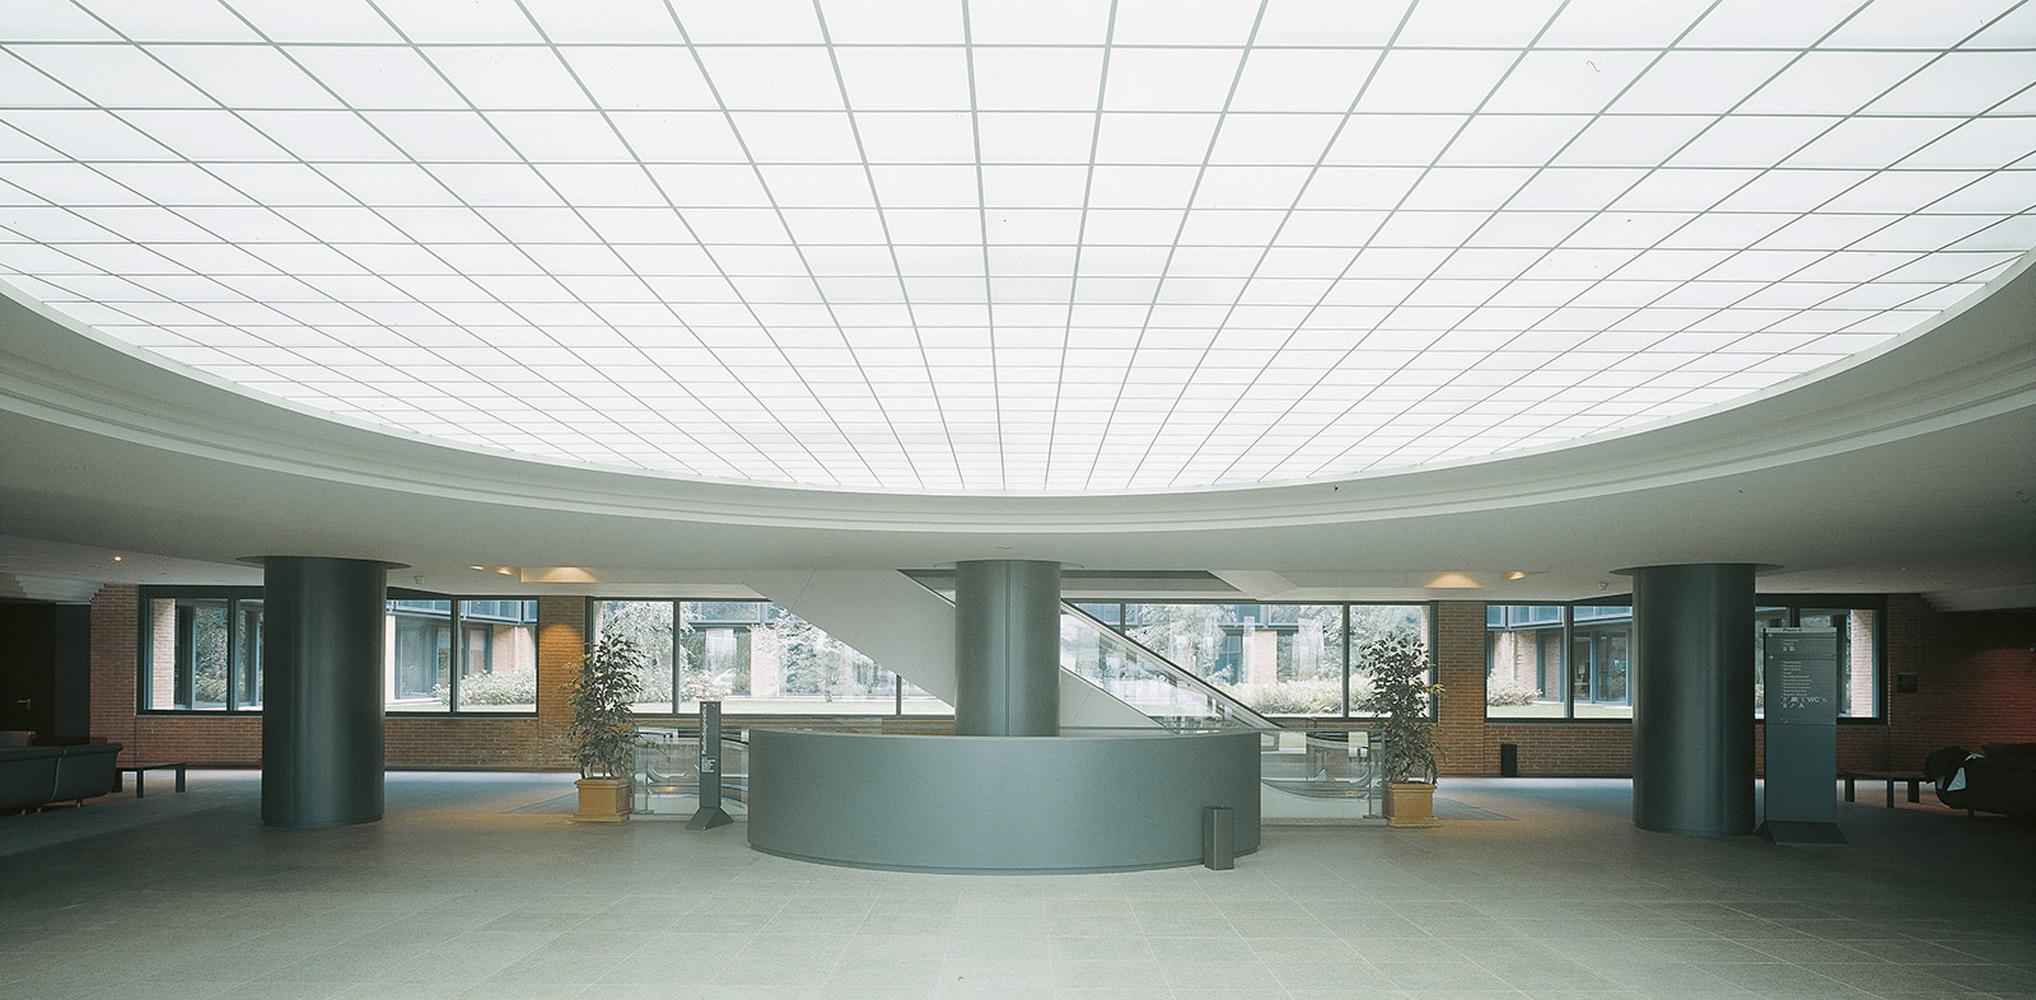 Istituto europeo oncologia milano aurelio gorgerino for Unifor milano